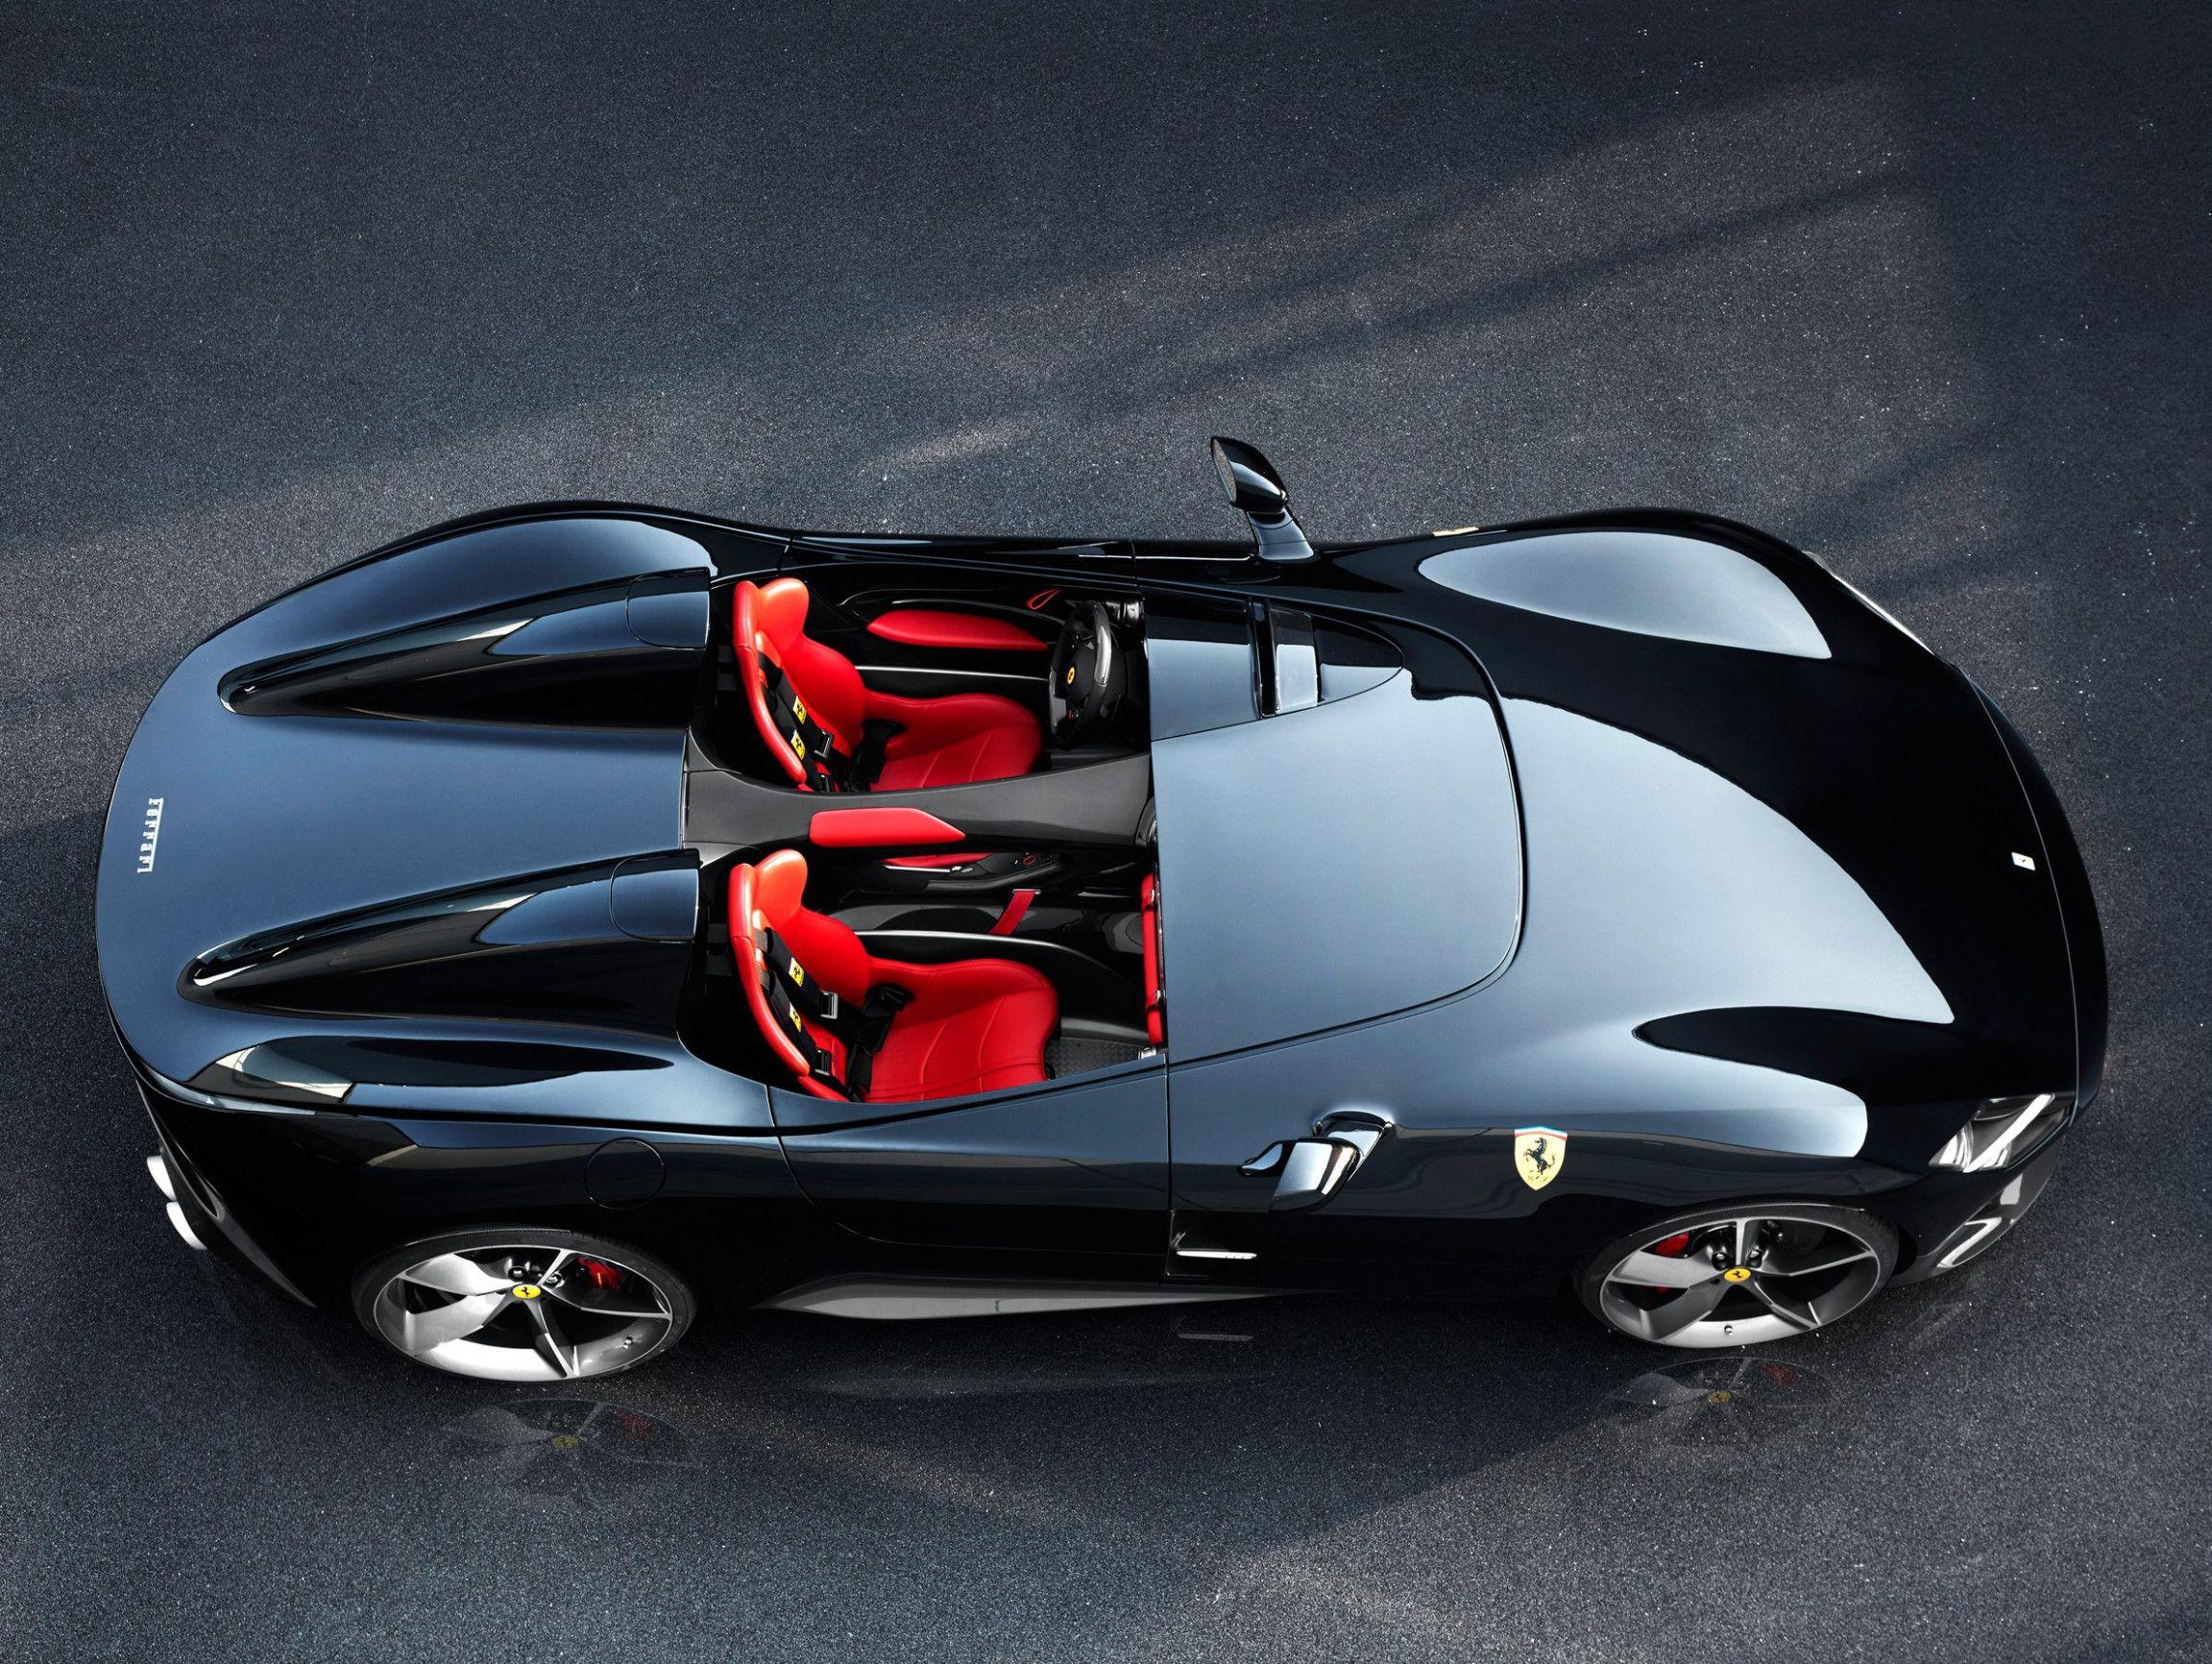 2020 Ferrari Models Concept Ferrari New Sports Cars New Ferrari